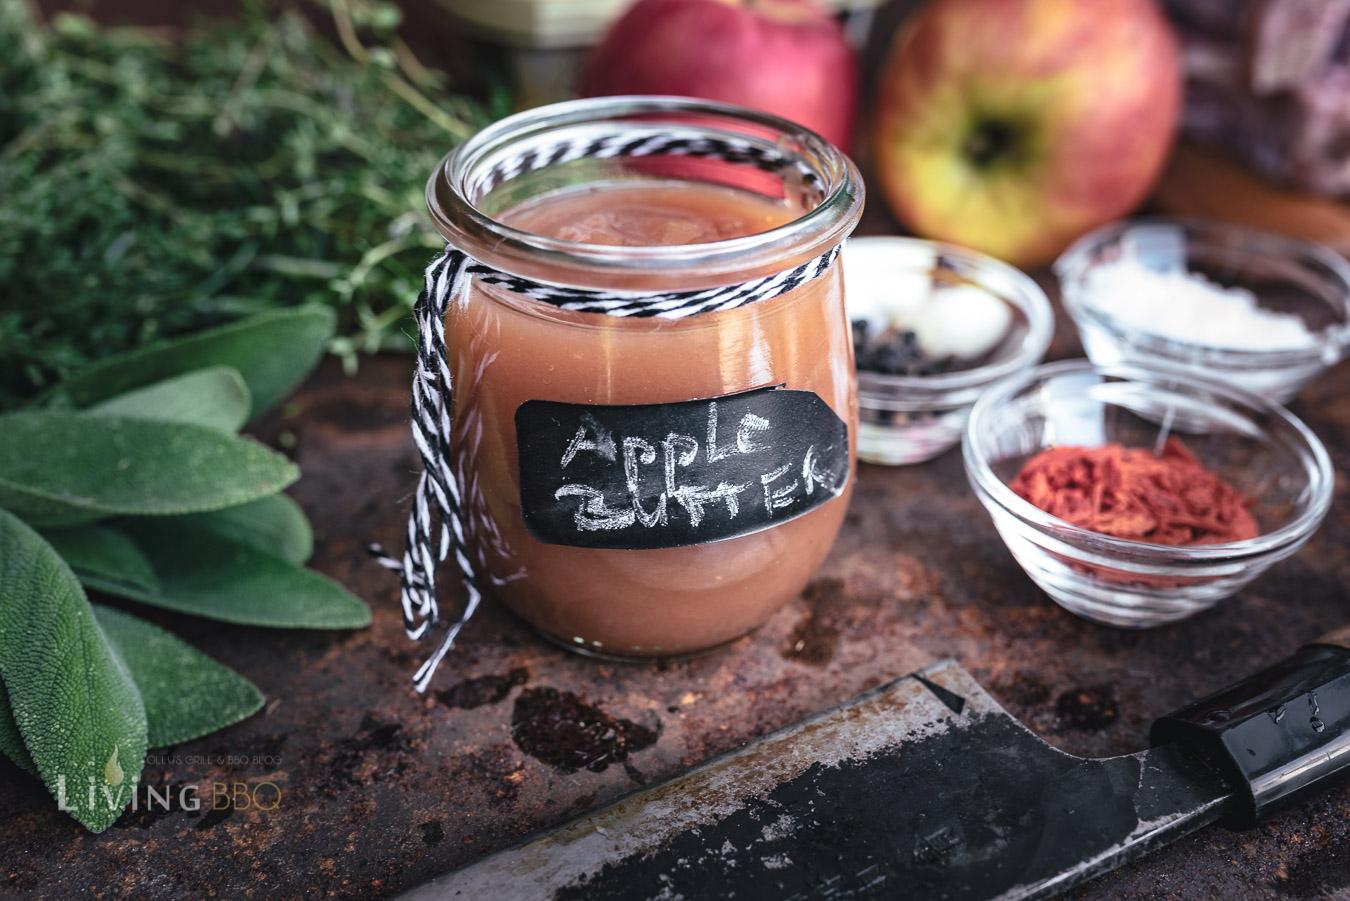 Apfelbutter